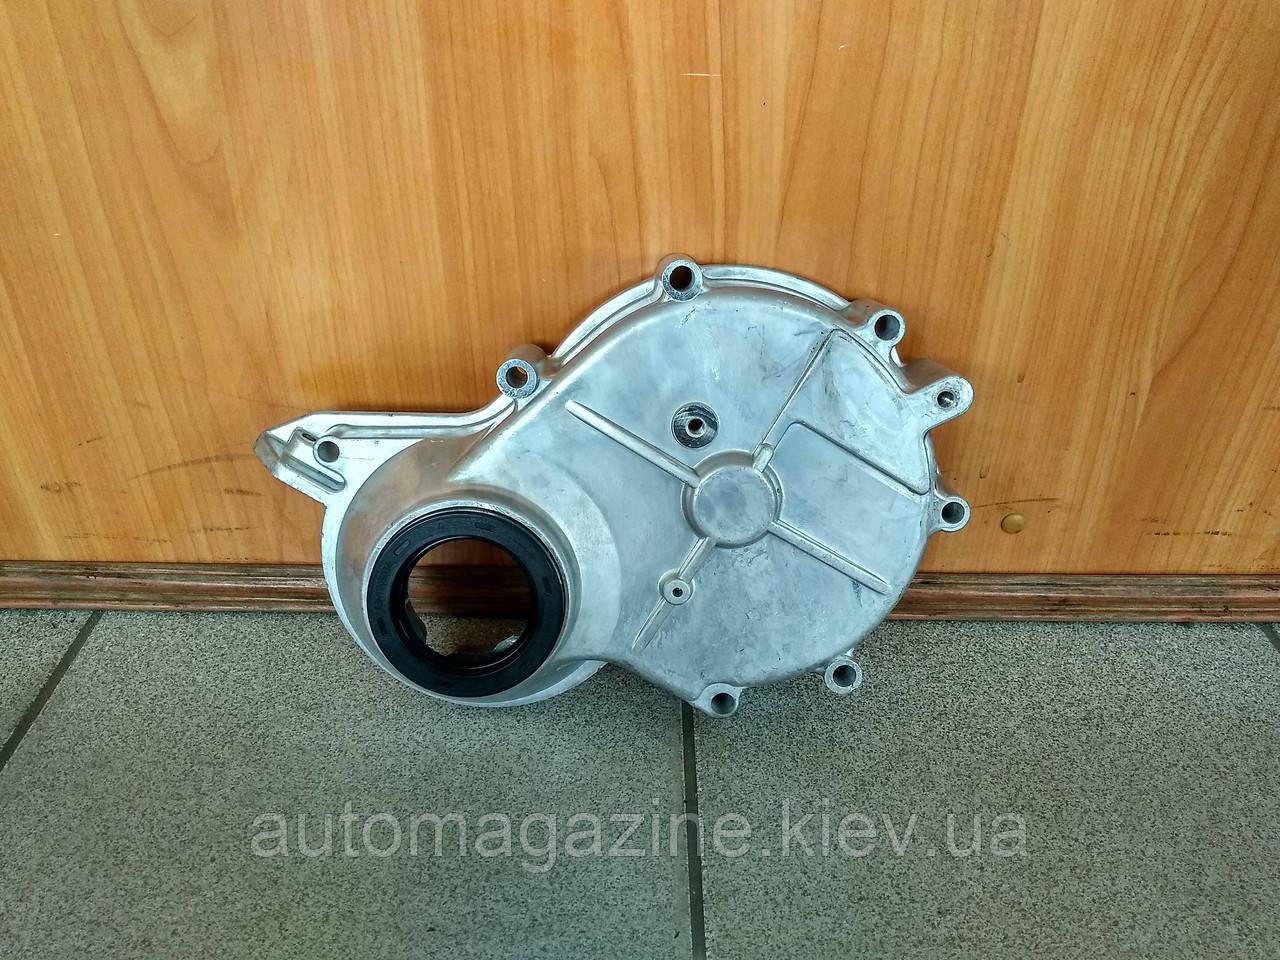 Крышка передняя распределительных шестерен УАЗ, Газель (УМЗ-100, 4215)